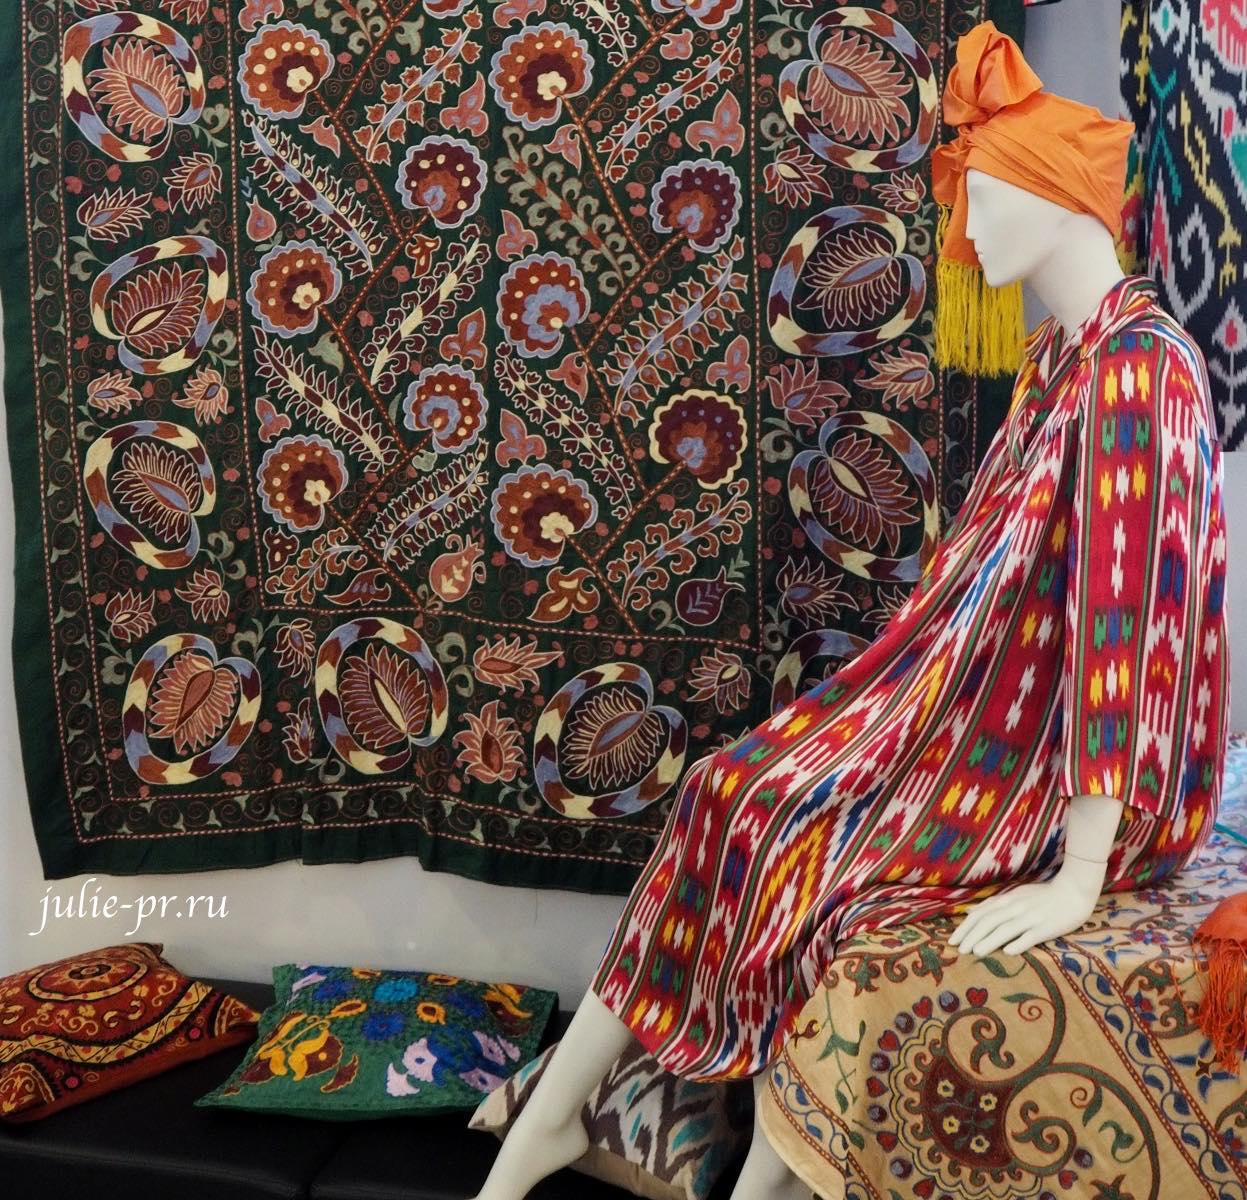 Вышивка Узбекистана, музей моды, выставка И шёлк привидится в дыхании песков… Хранители вышивки Узбекистана